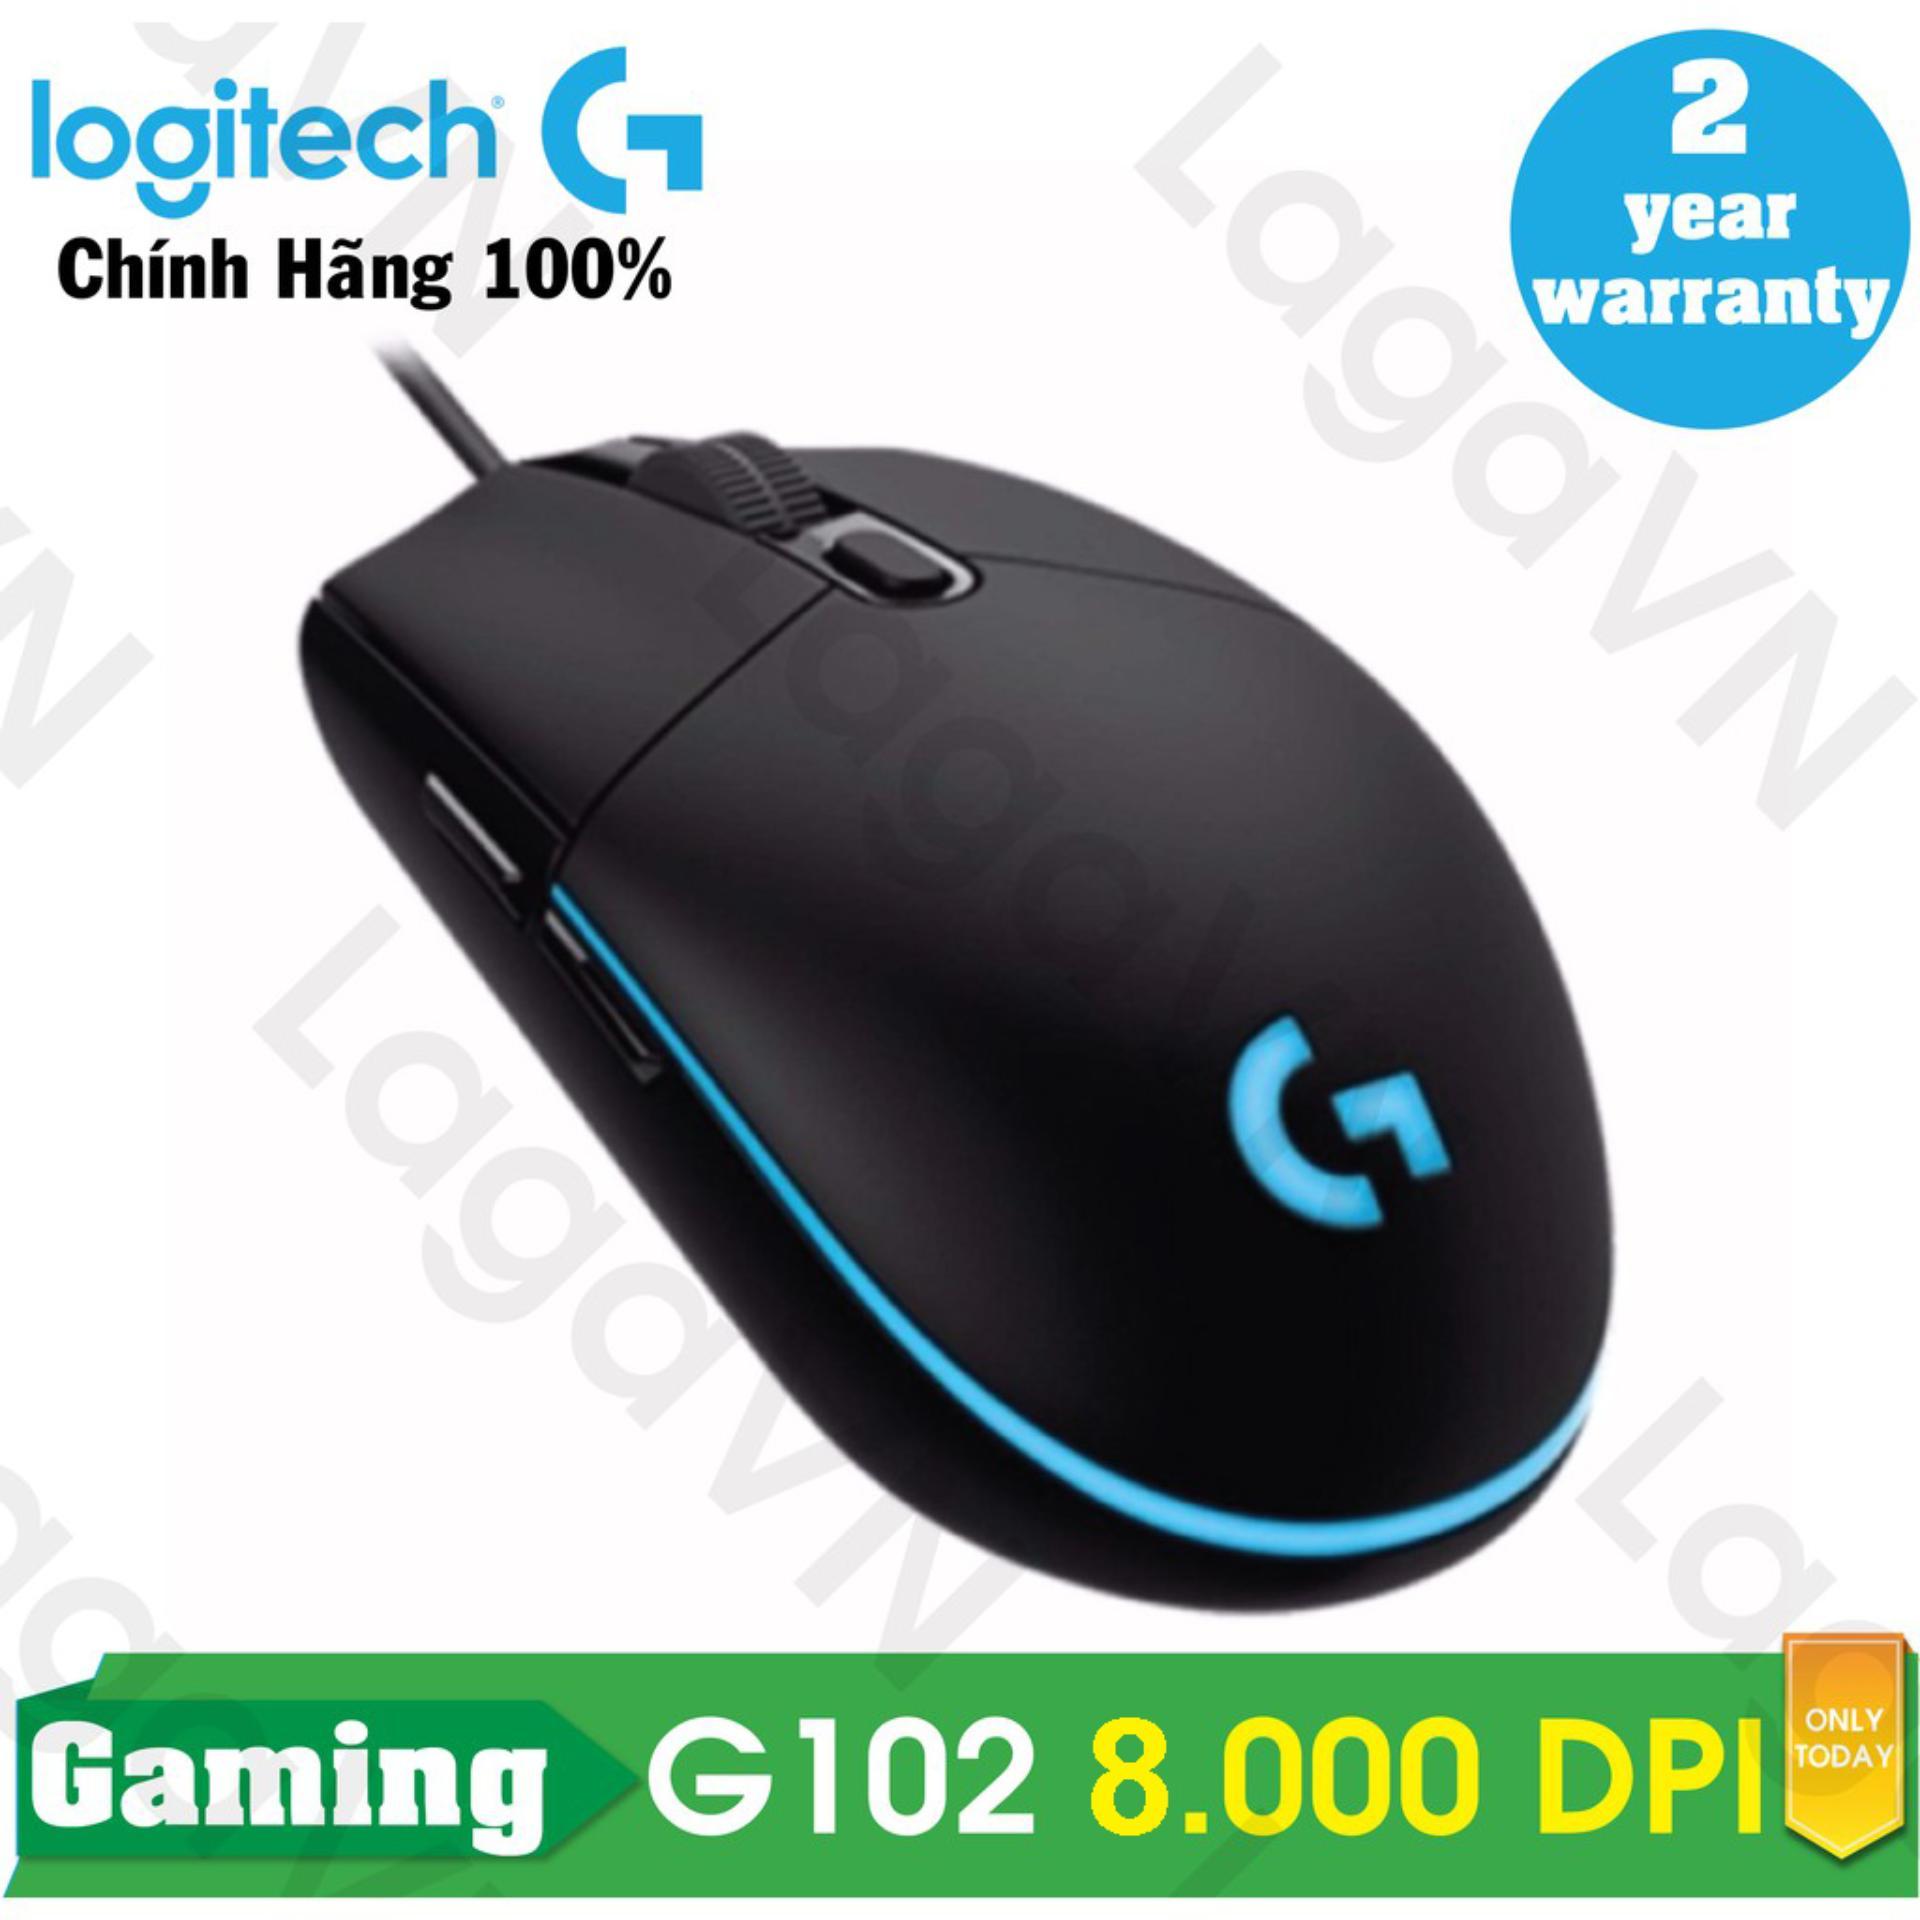 Chuột game Logitech G102 Prodigy RGB LED (Đen) - Hãng phân phối chính thức